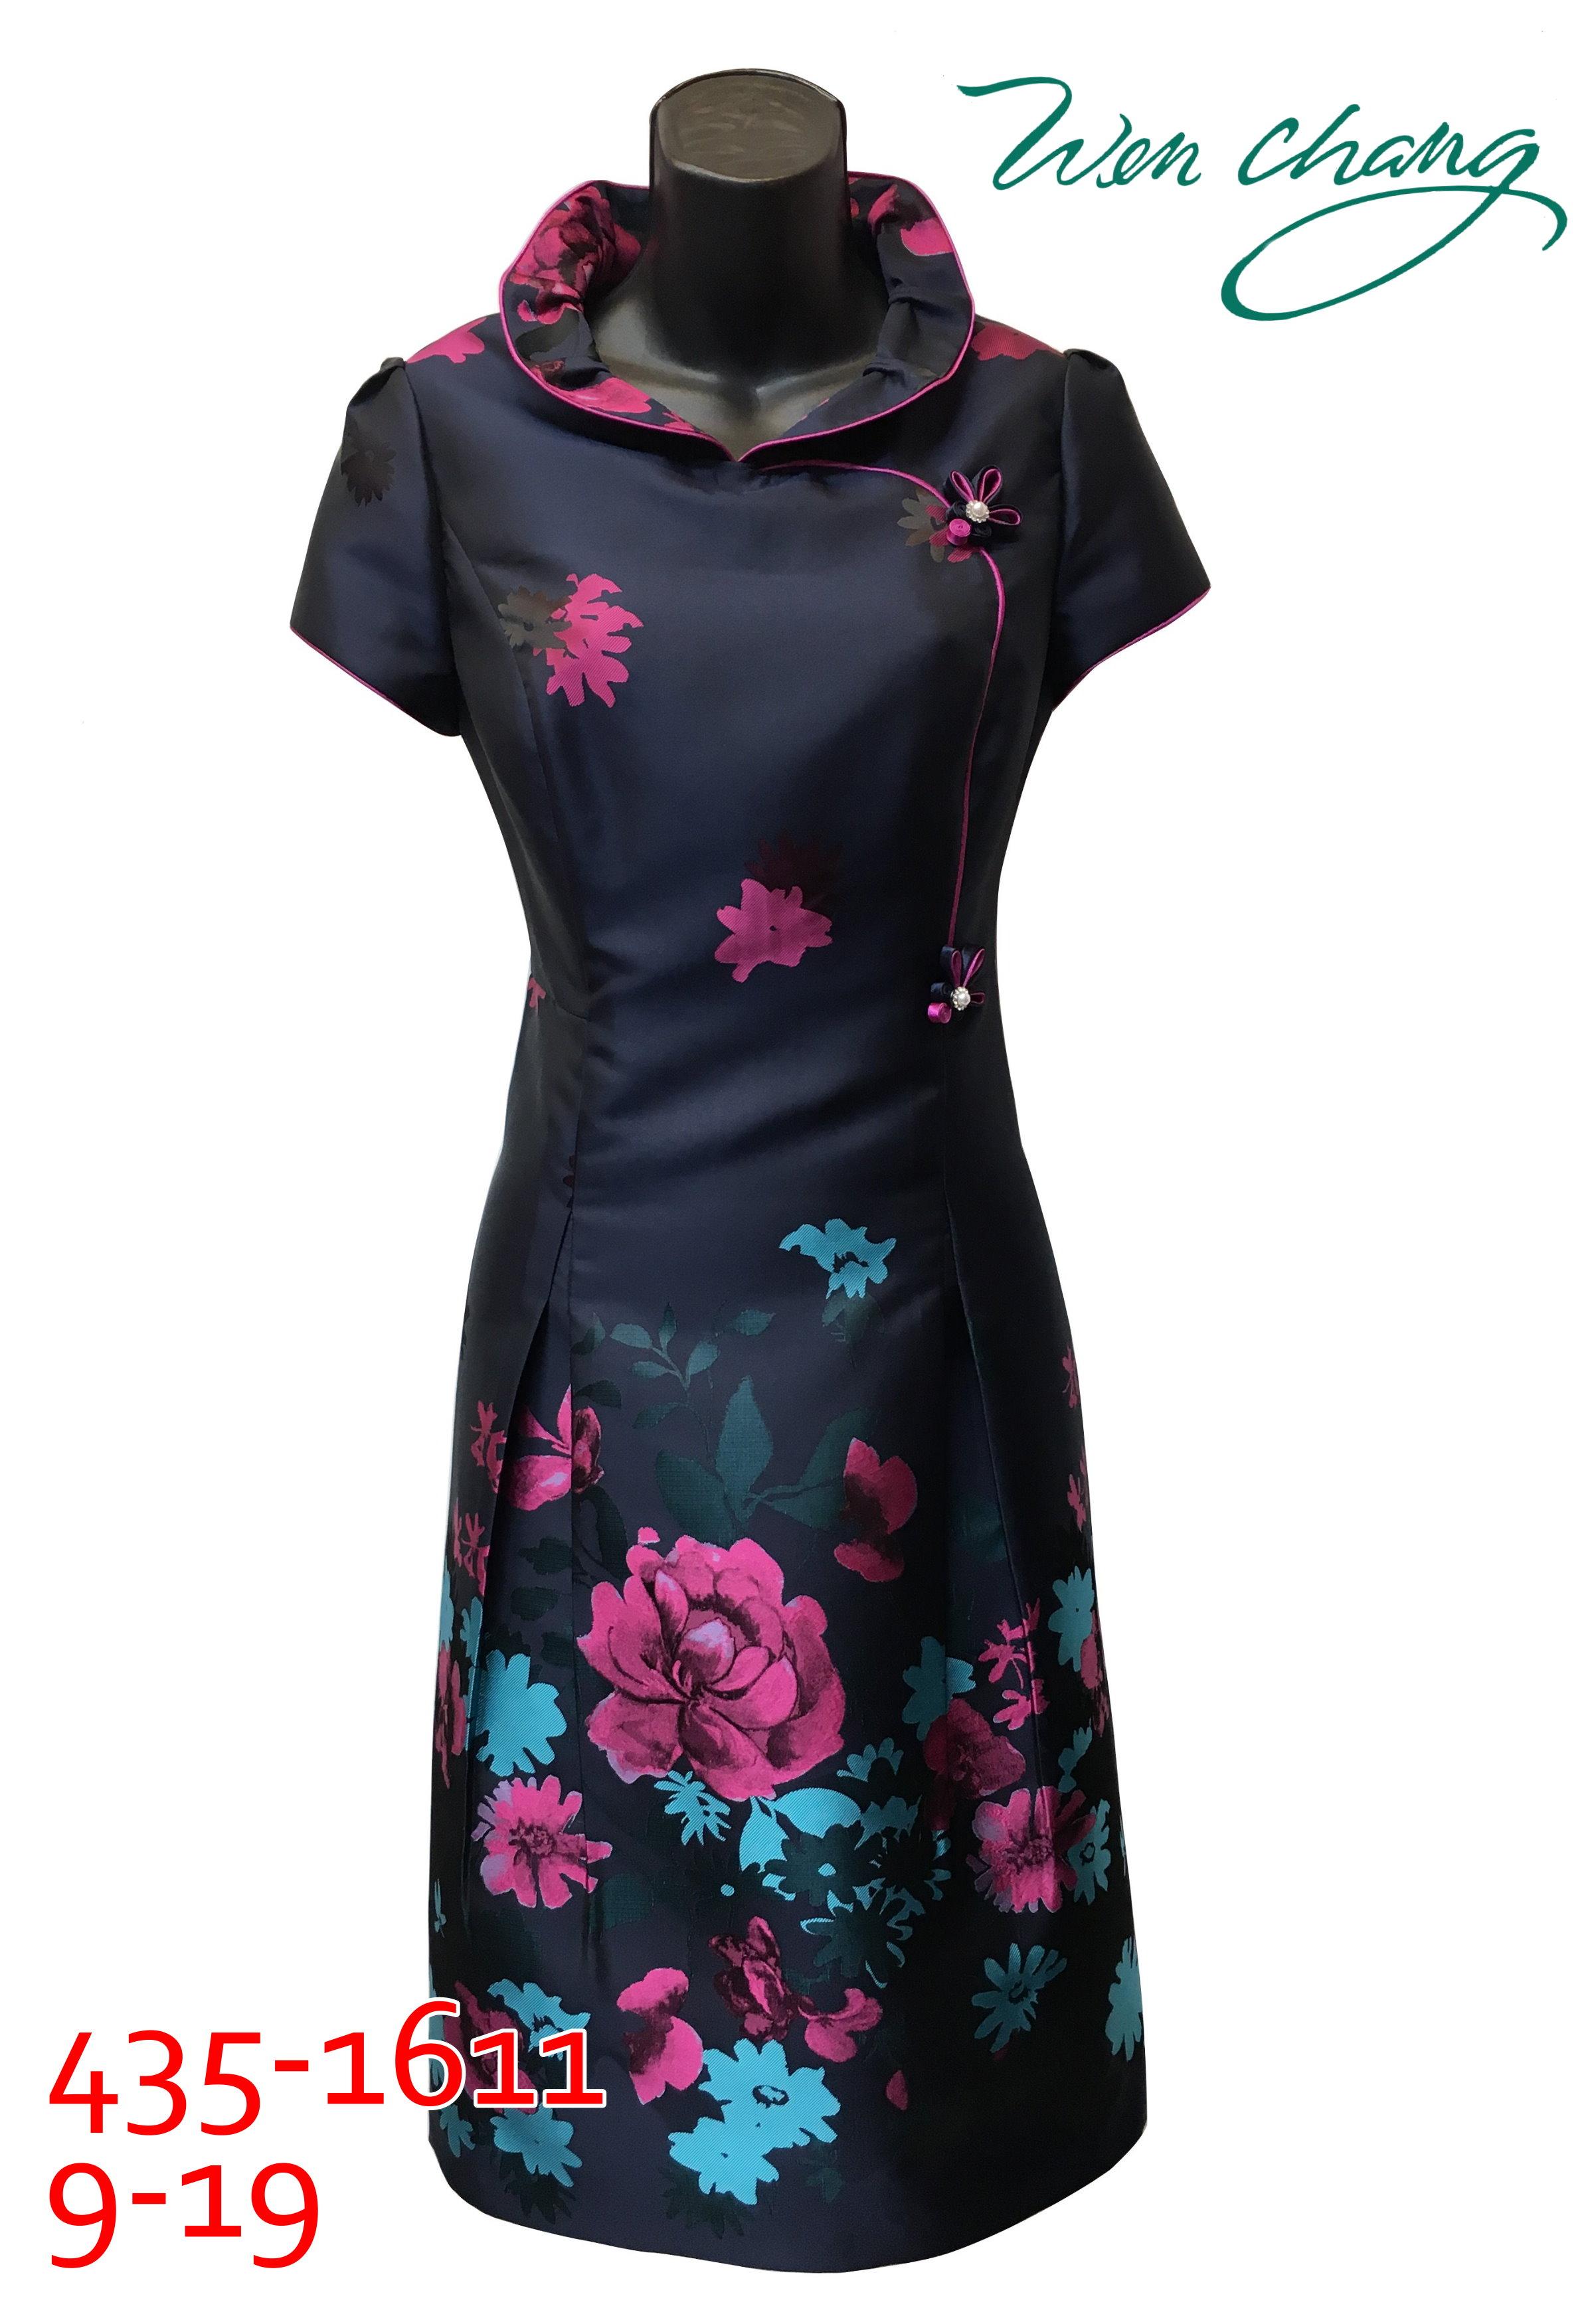 秋冬媽媽短禮服-435-1611